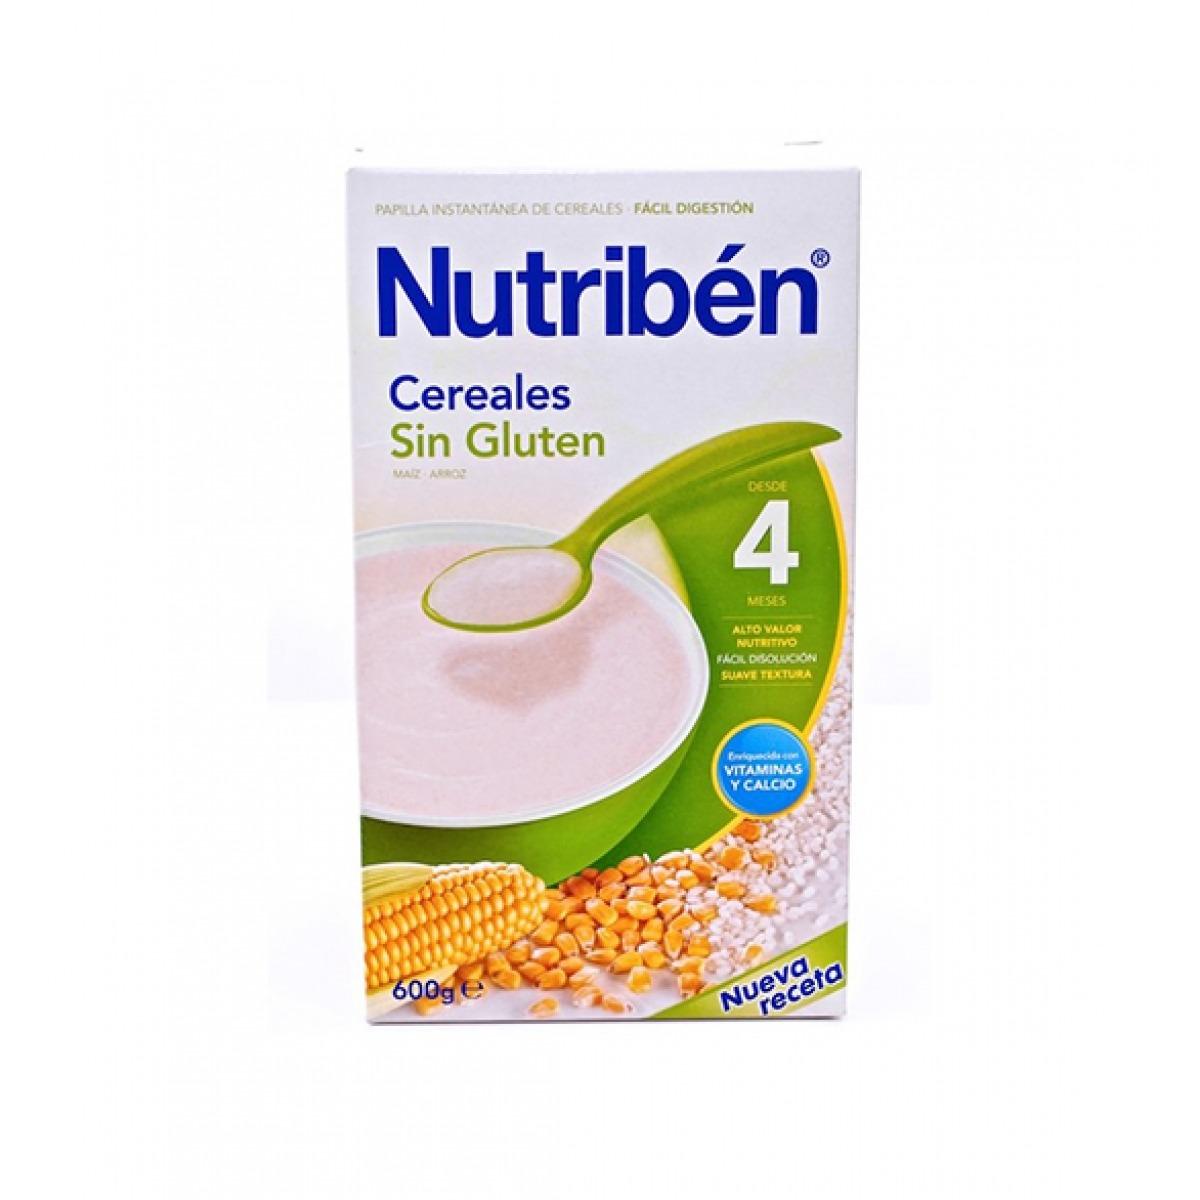 NUTRIBEN PAPILLA INICIO PARA EL BIBERN 600 G.